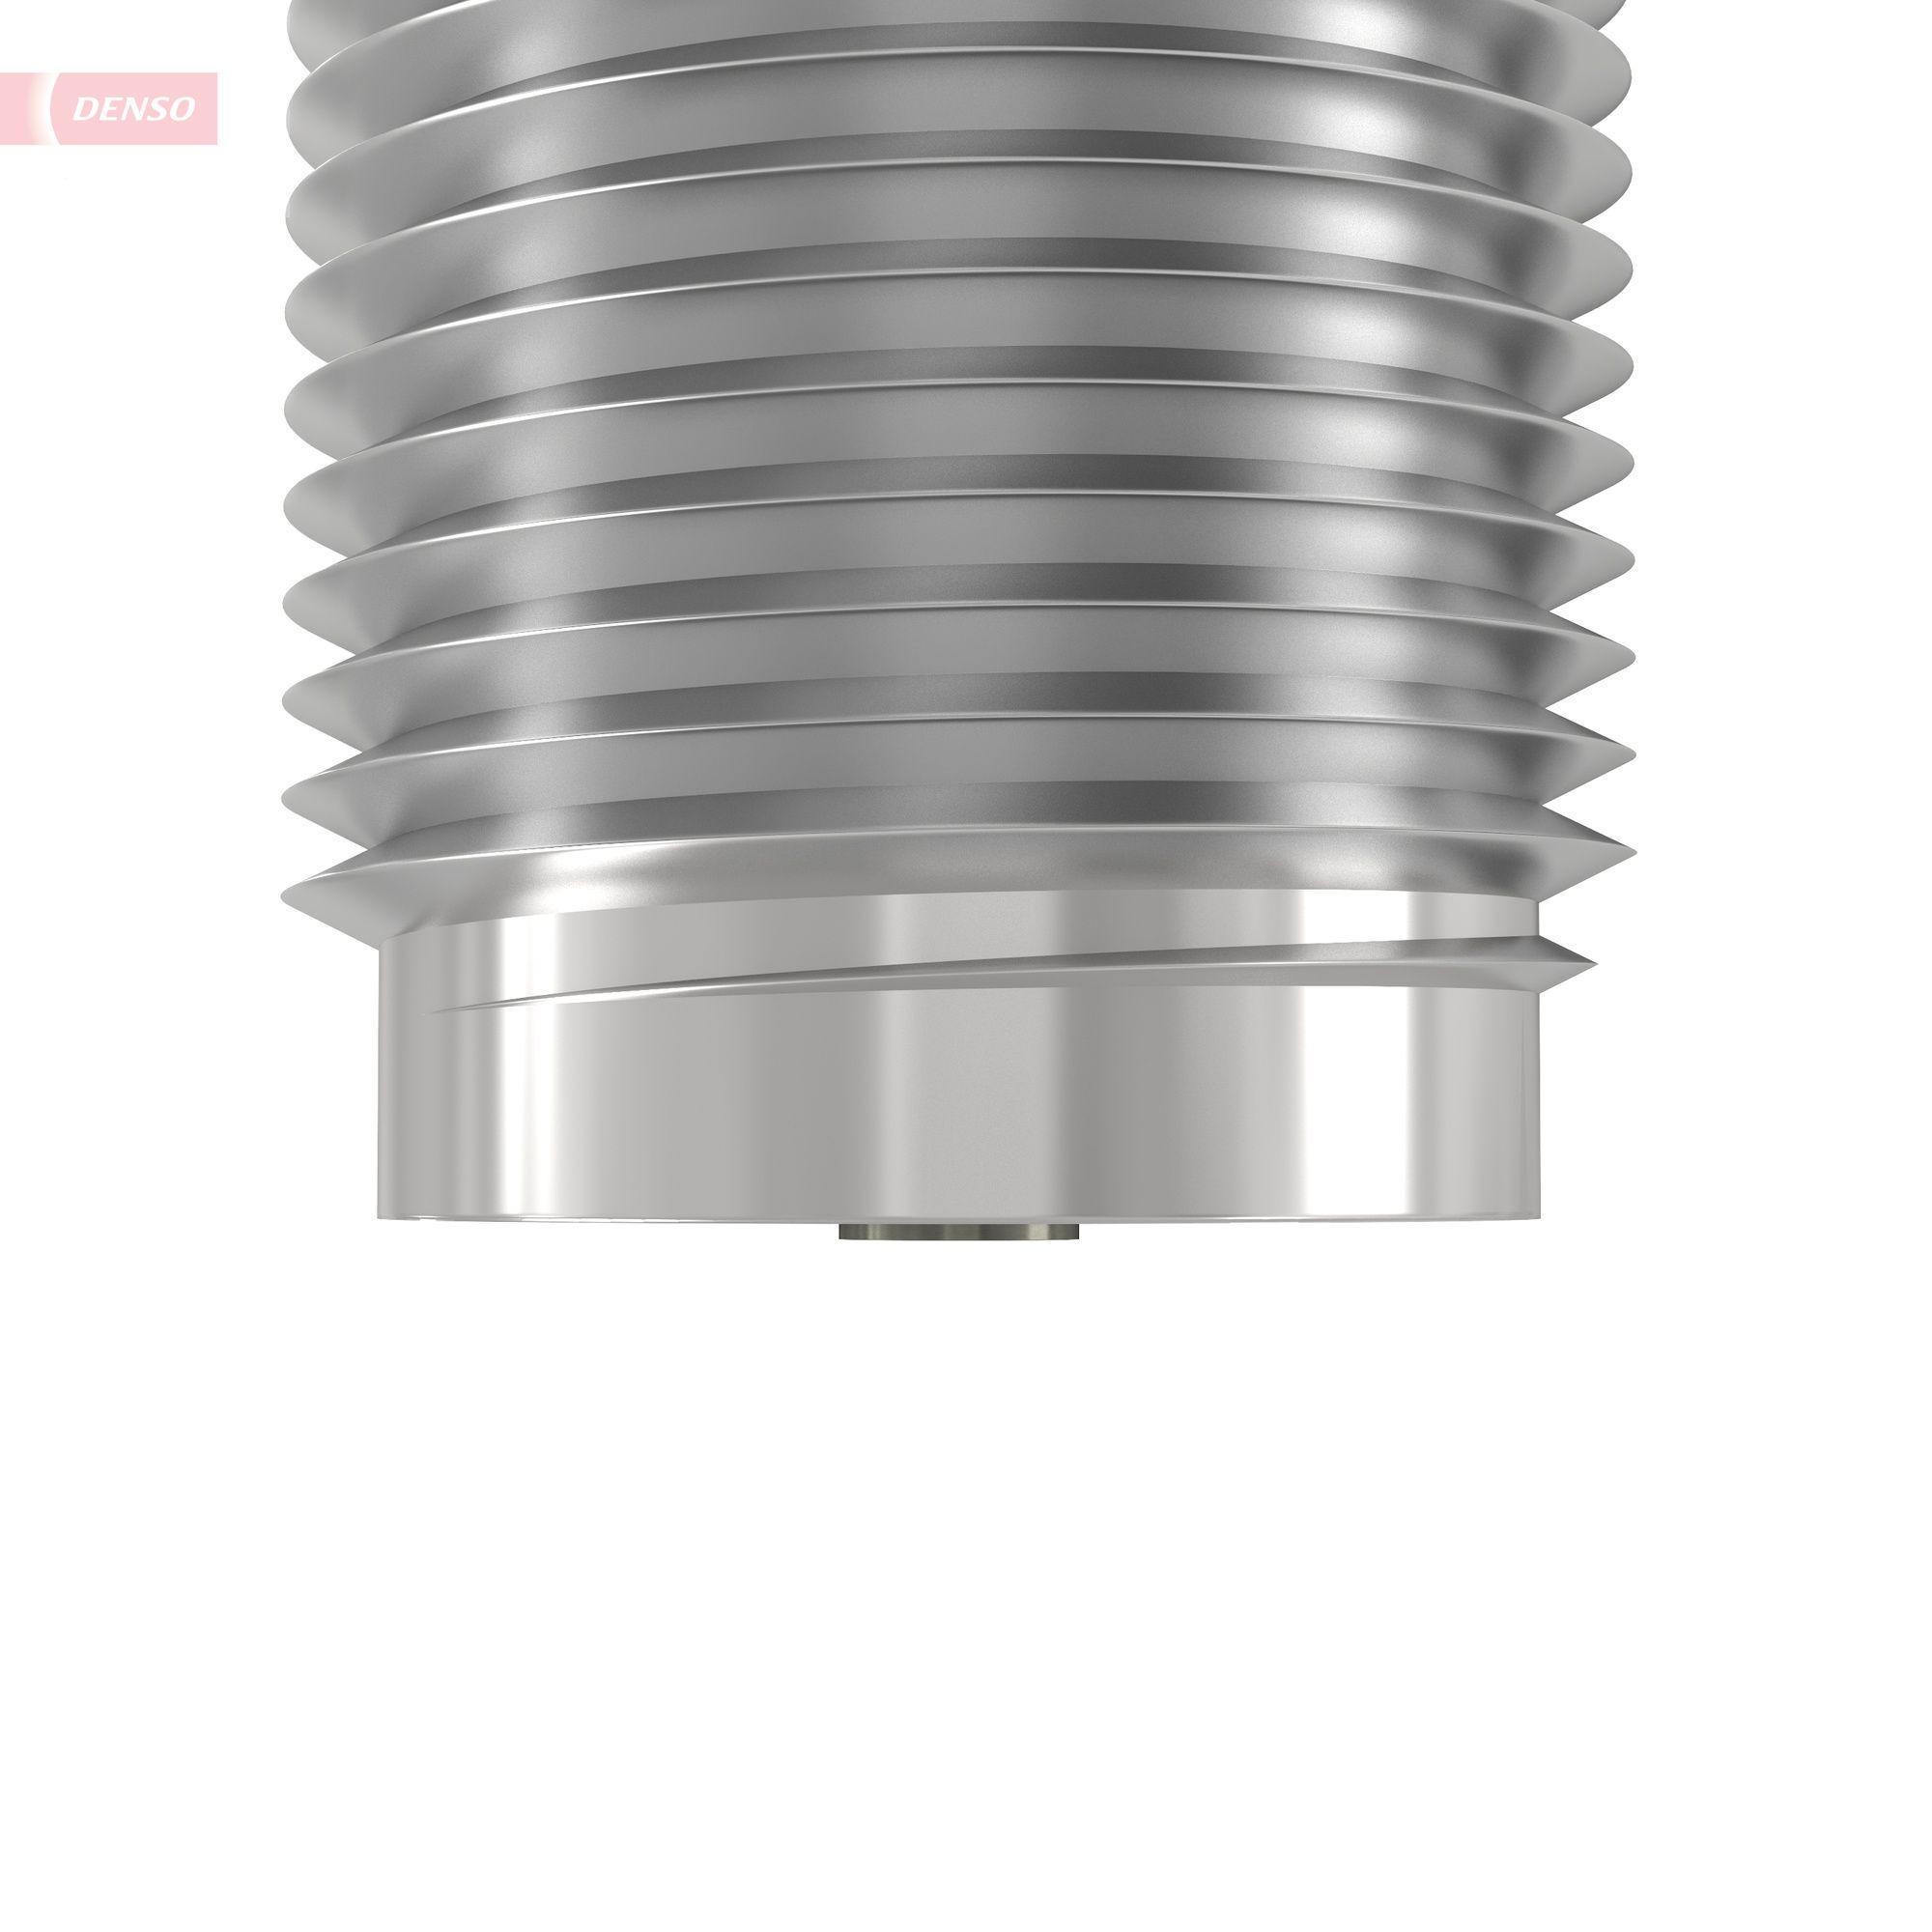 Spark Plug DENSO S-29A 42511310643